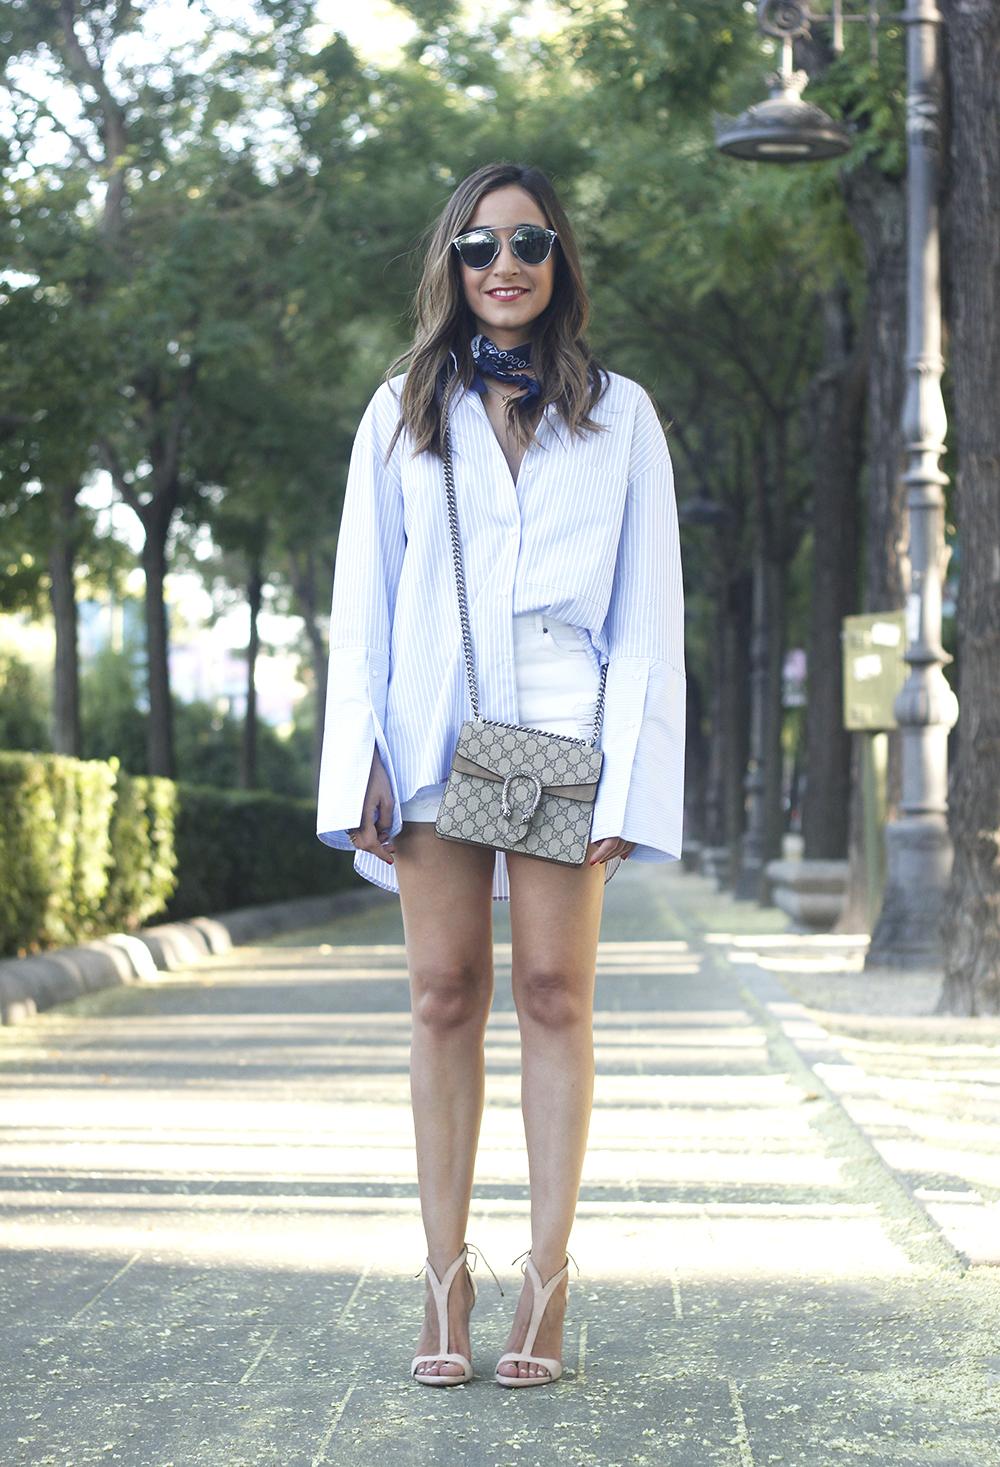 boyfriend striped shirt gucci bag so real dior sunnies denim shorts summer outfit01